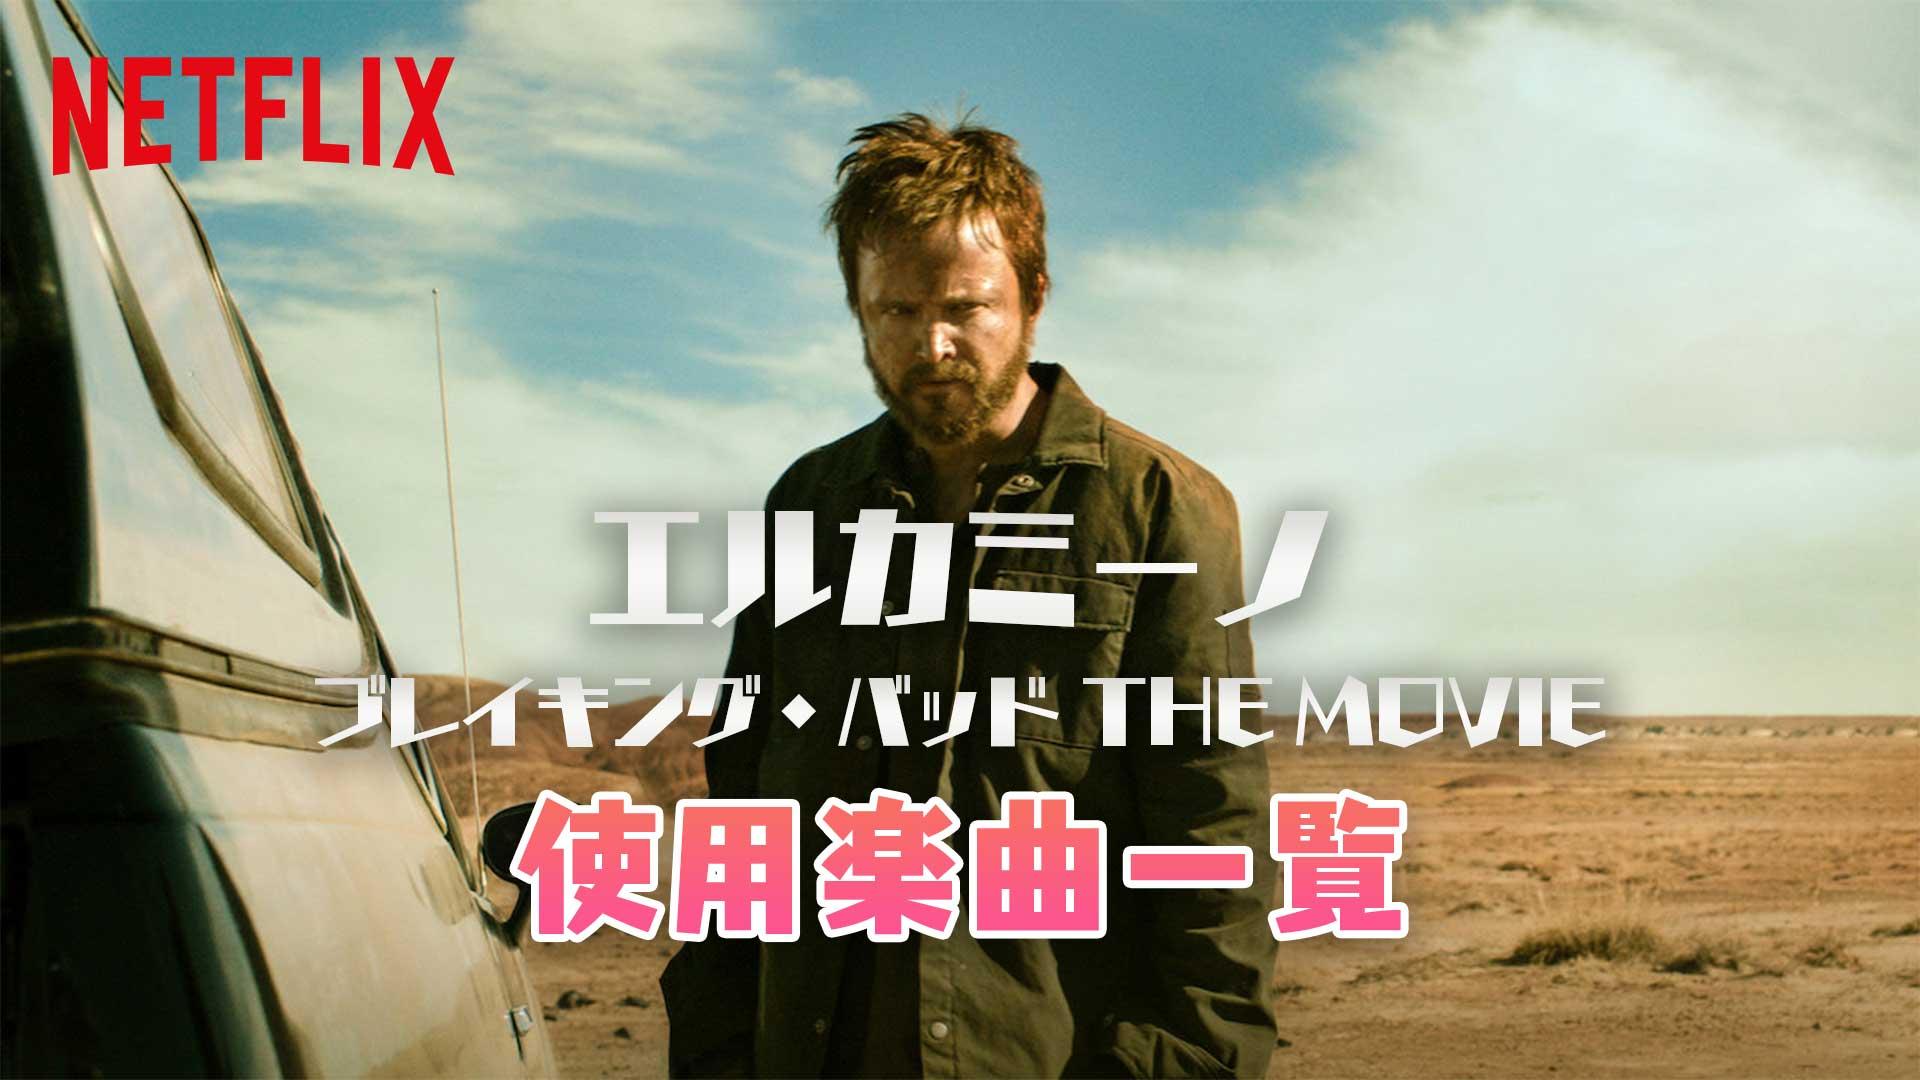 Netflix映画『エルカミーノ:ブレイキング・バッド THE MOVIE』で使われている曲まとめ!